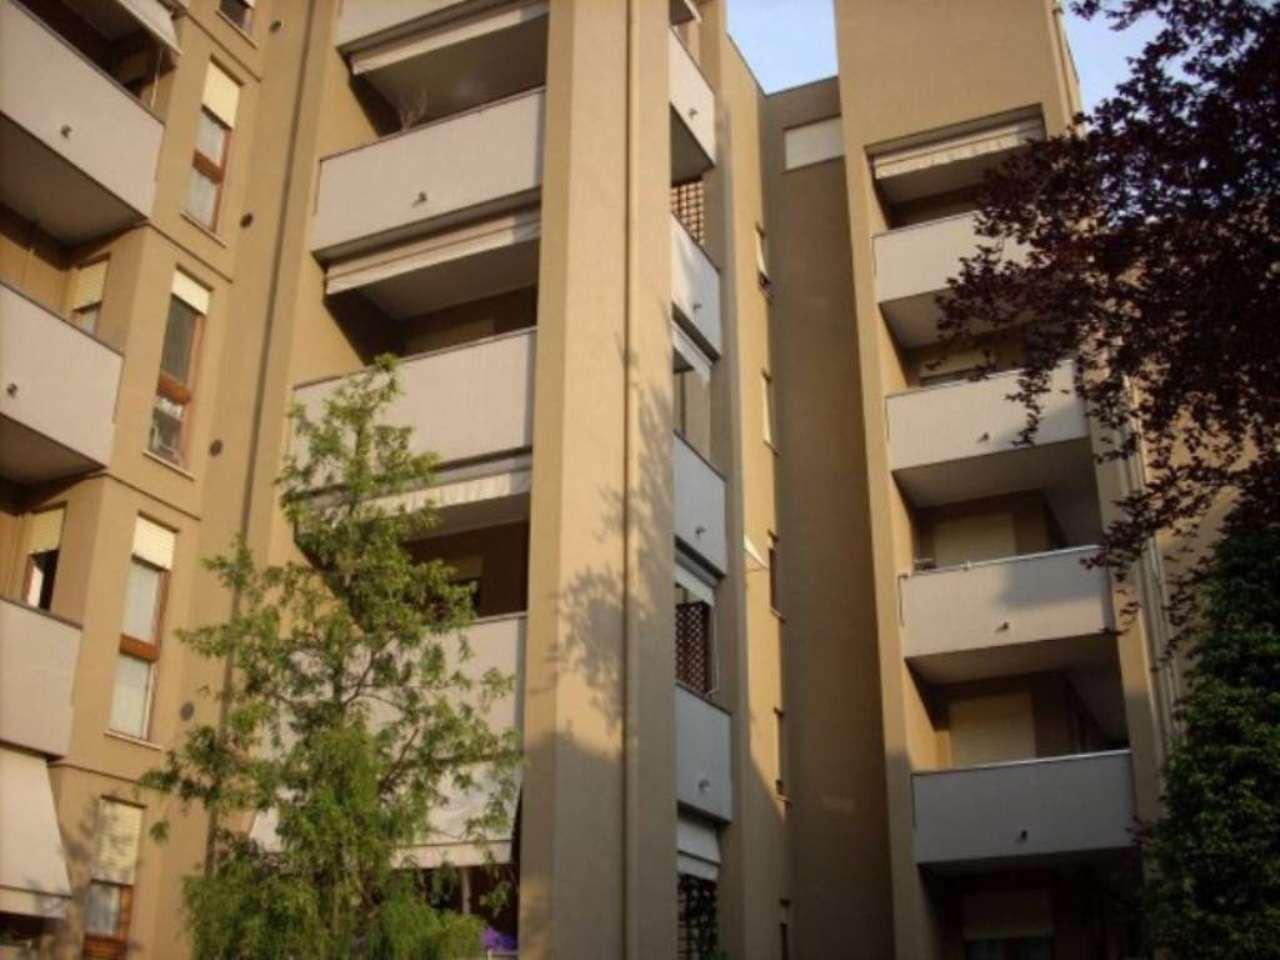 Attico / Mansarda in vendita a Legnano, 5 locali, prezzo € 390.000 | Cambio Casa.it